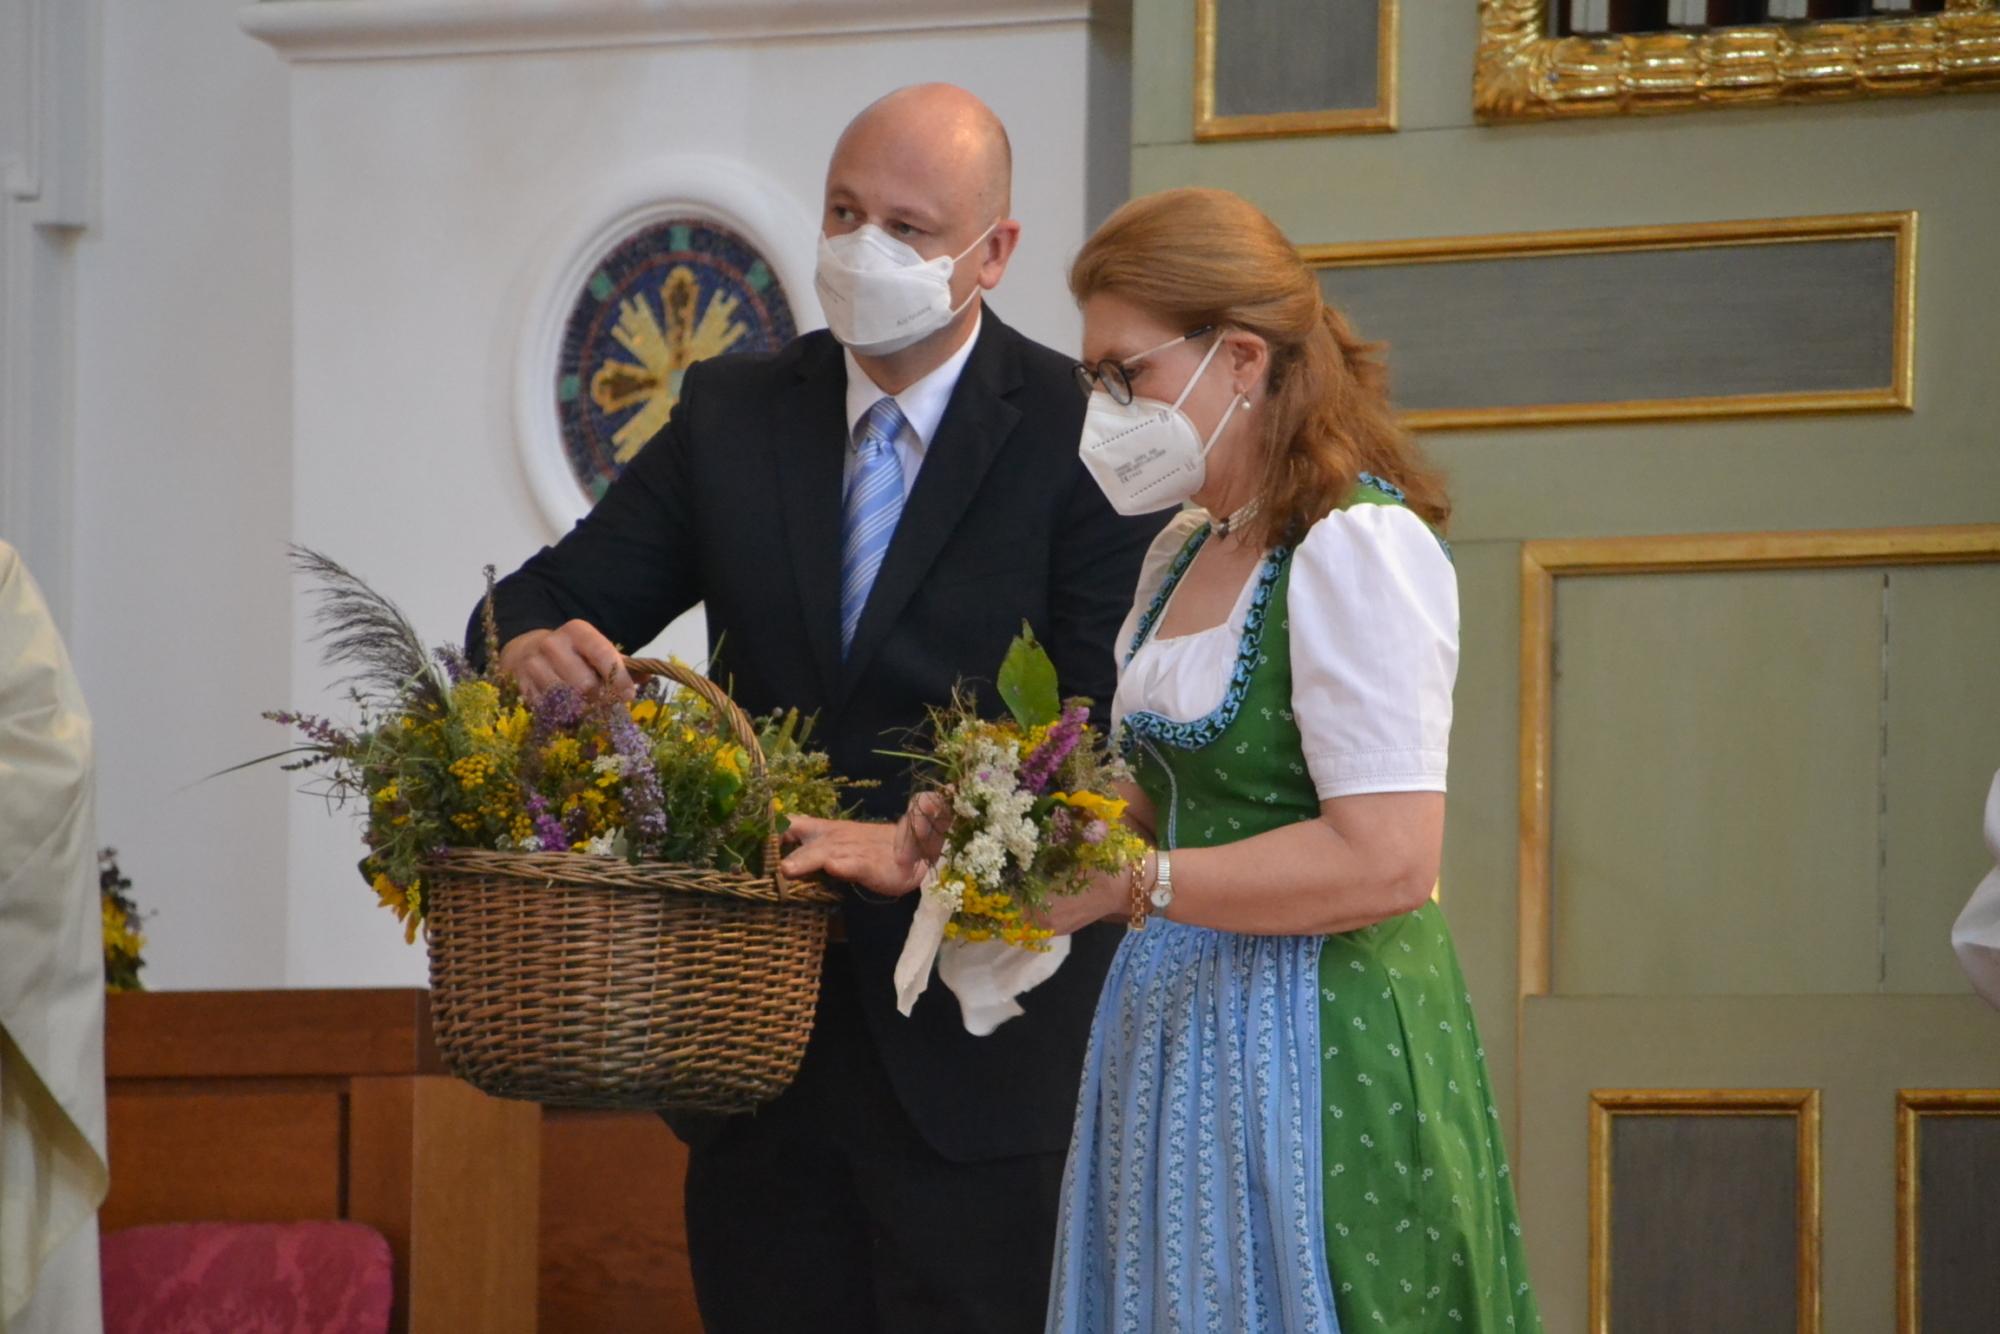 Mariä Himmelfahrt AÖ Stefan Burghart und Luise Hell verteilen die gesegneten Kräuterbüschel an Bischof und Priester 15 08 2021 10